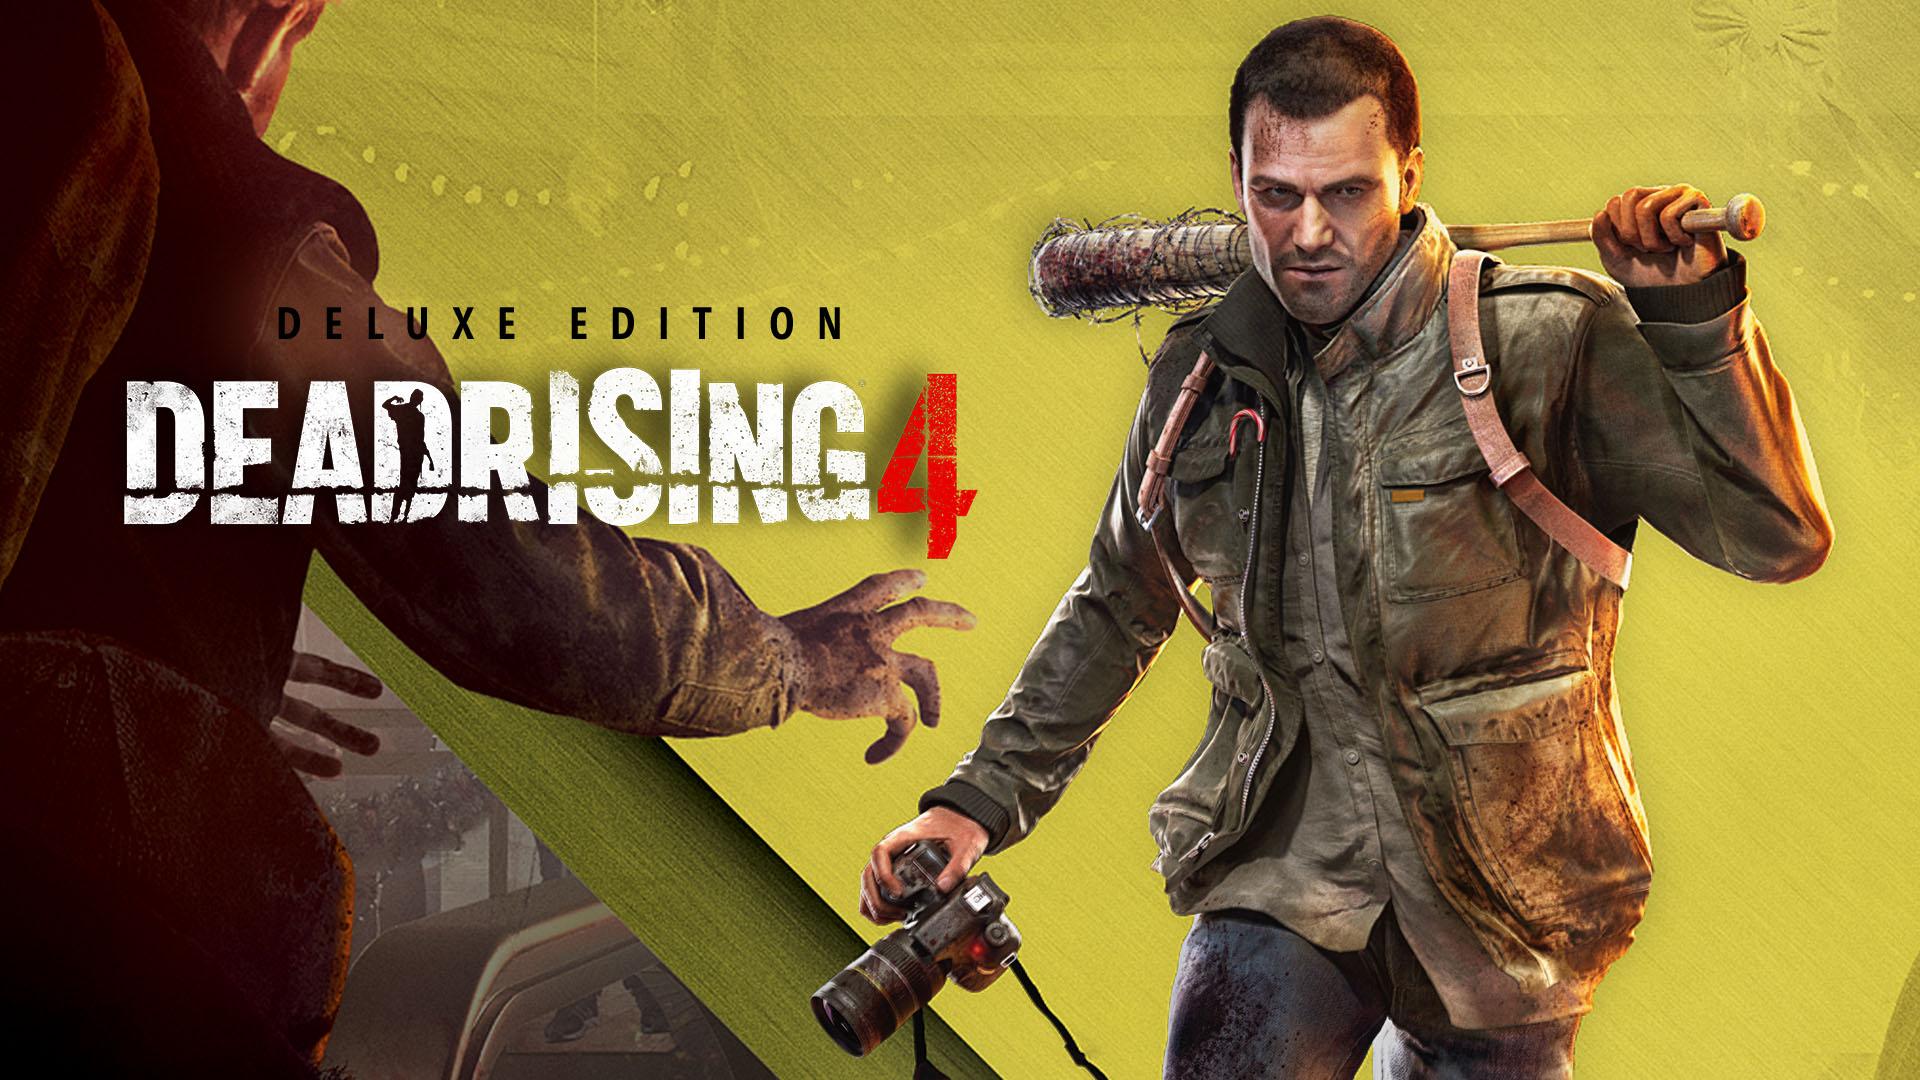 Dead Rising 4 Wallpaper: Dead Rising 4 HD Wallpaper